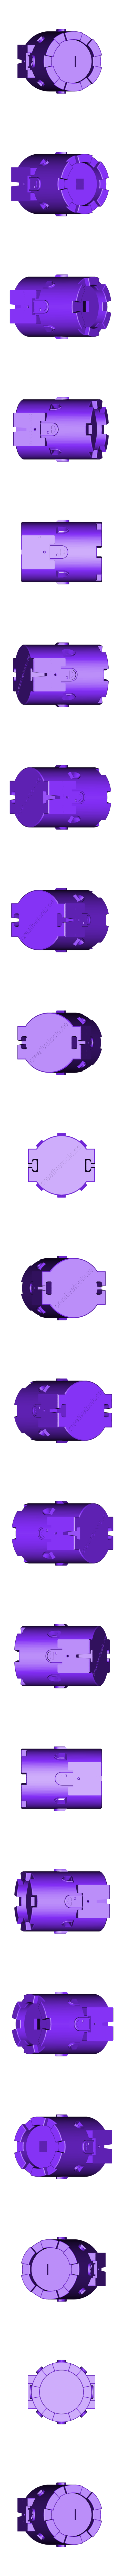 Round_Tower_Straight_Hollow_(Modular Castle Playset - 3D-printable)_By_CreativeTools.se.stl Télécharger fichier STL gratuit Plateau modulaire de château (imprimable en 3D) • Modèle à imprimer en 3D, CreativeTools